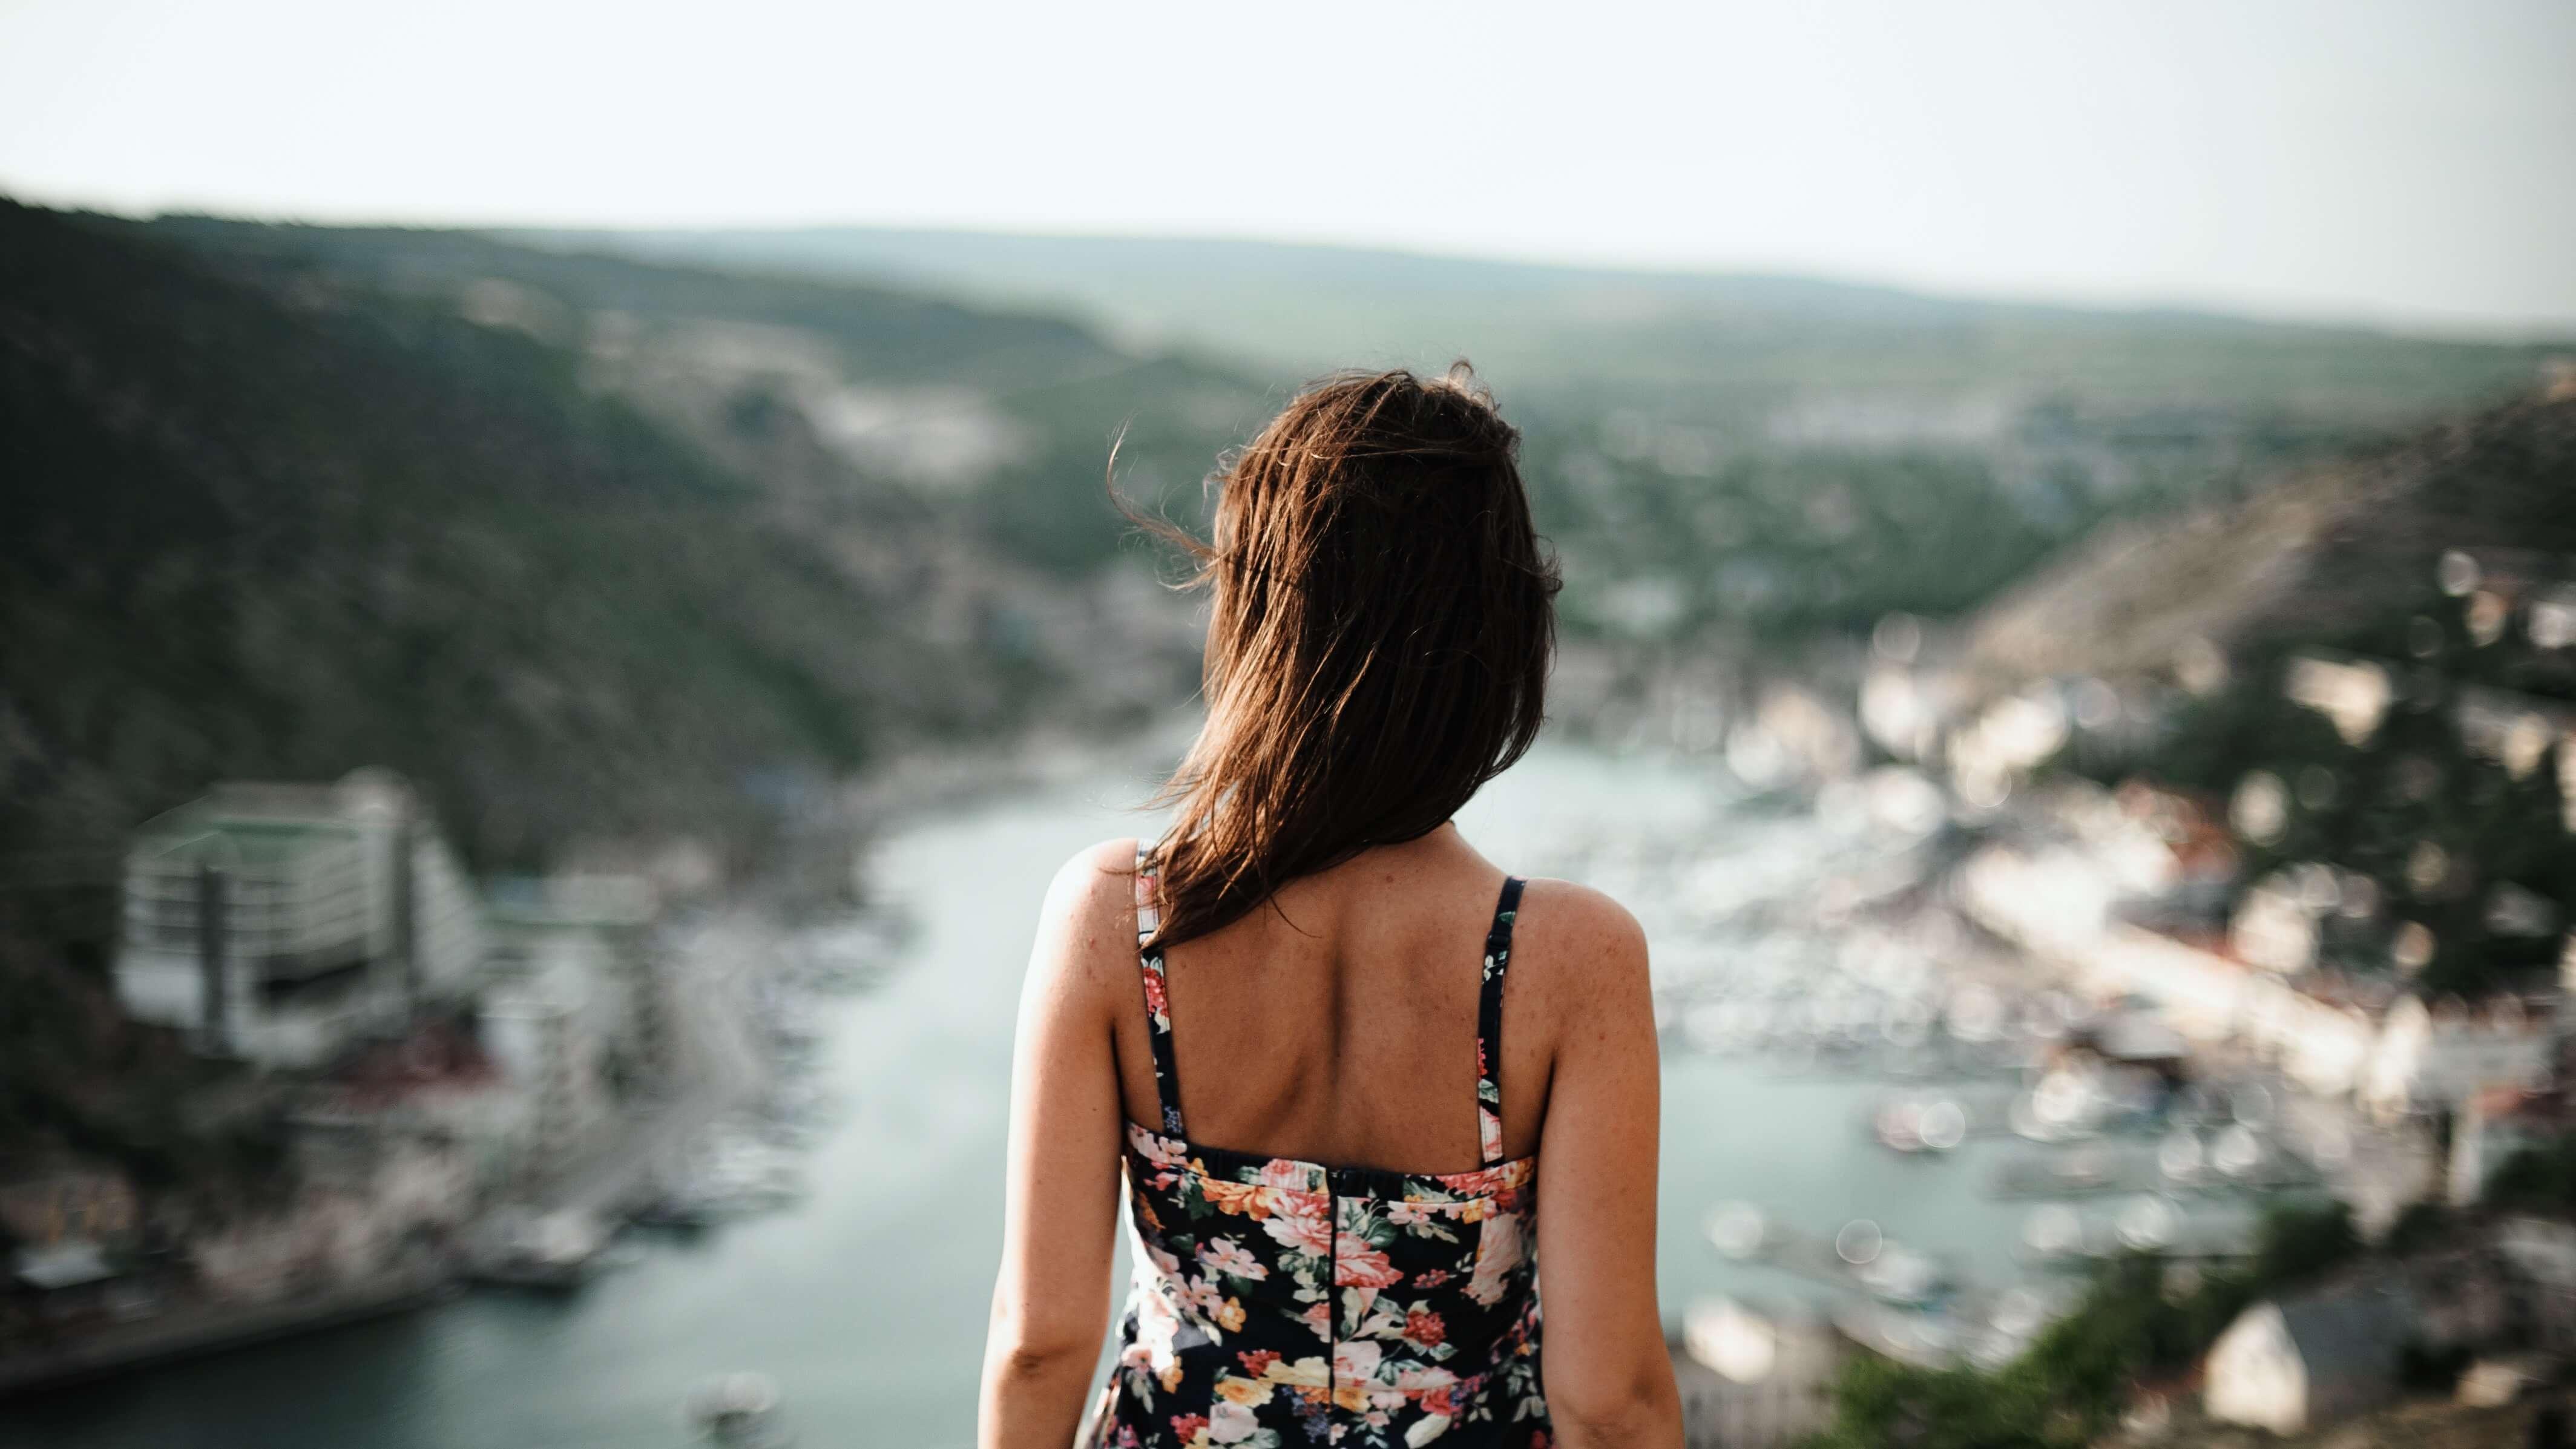 川を見下ろす花柄のワンピースの女性の後ろ姿